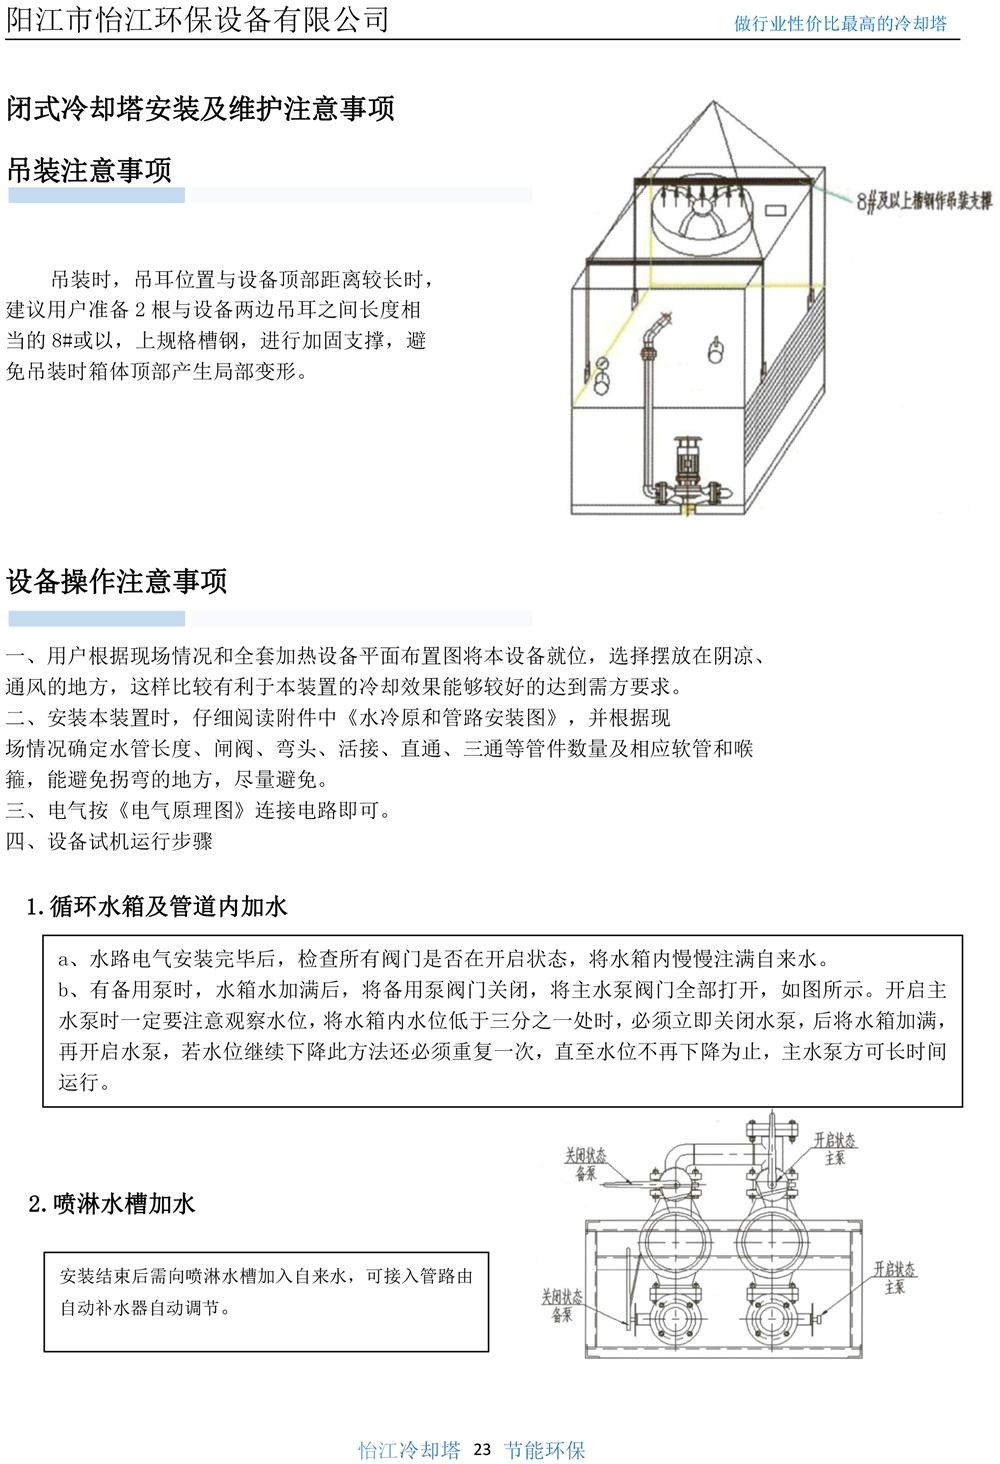 產品手冊(彩頁)3-23.jpg